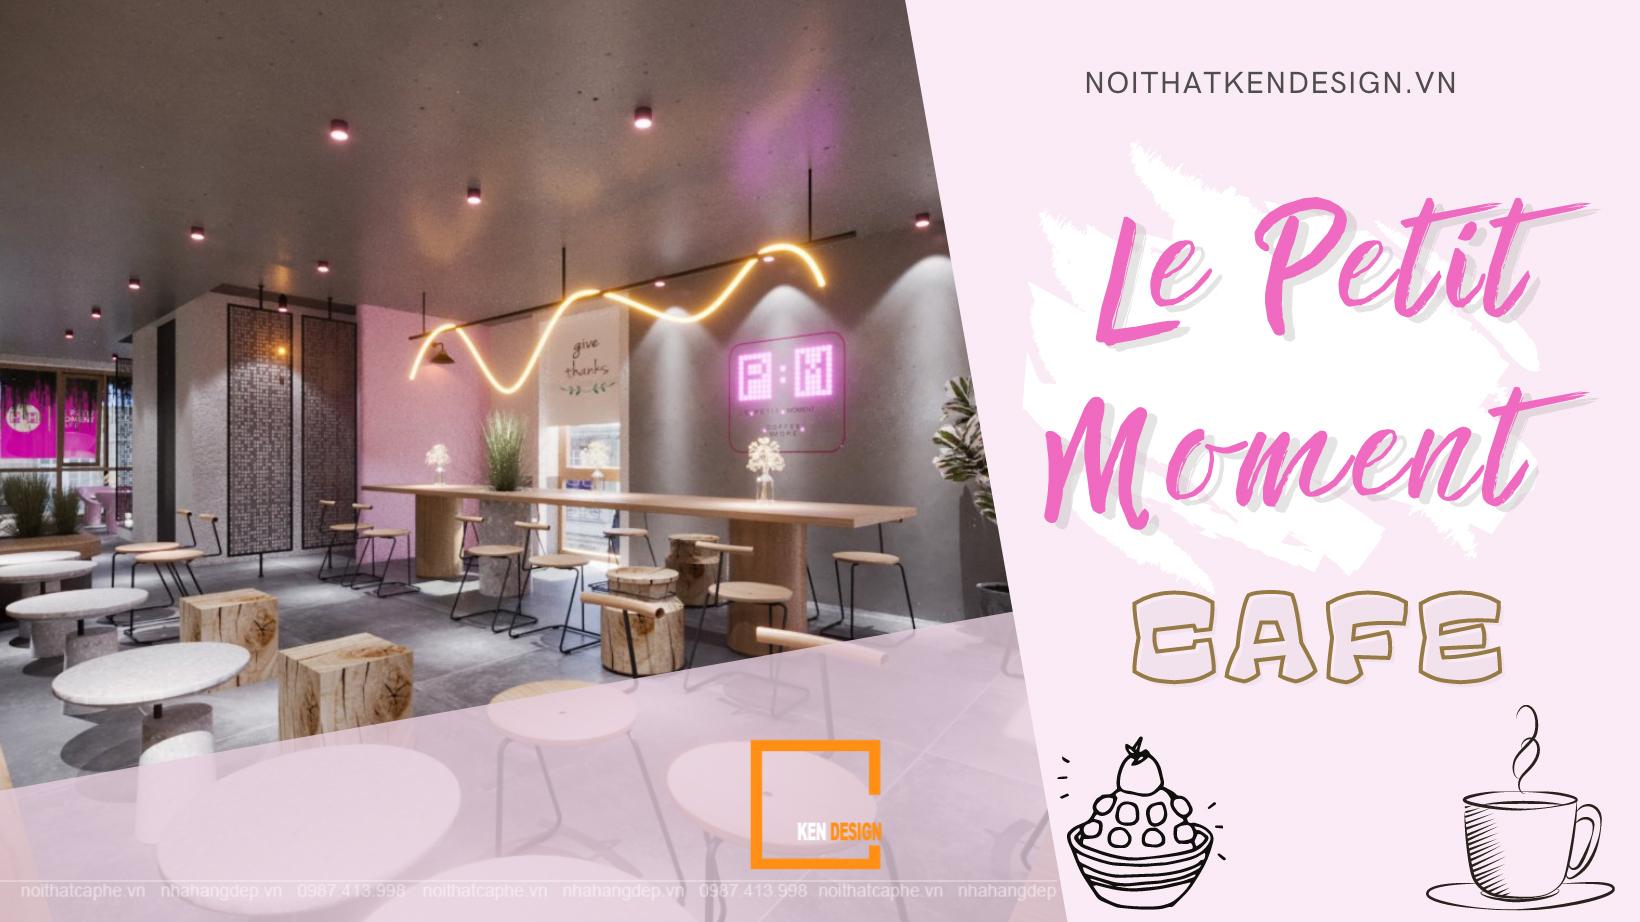 Thiết kế quán Le Petit Moment Cafe - Vẻ đẹp trong từng khoảnh khắc